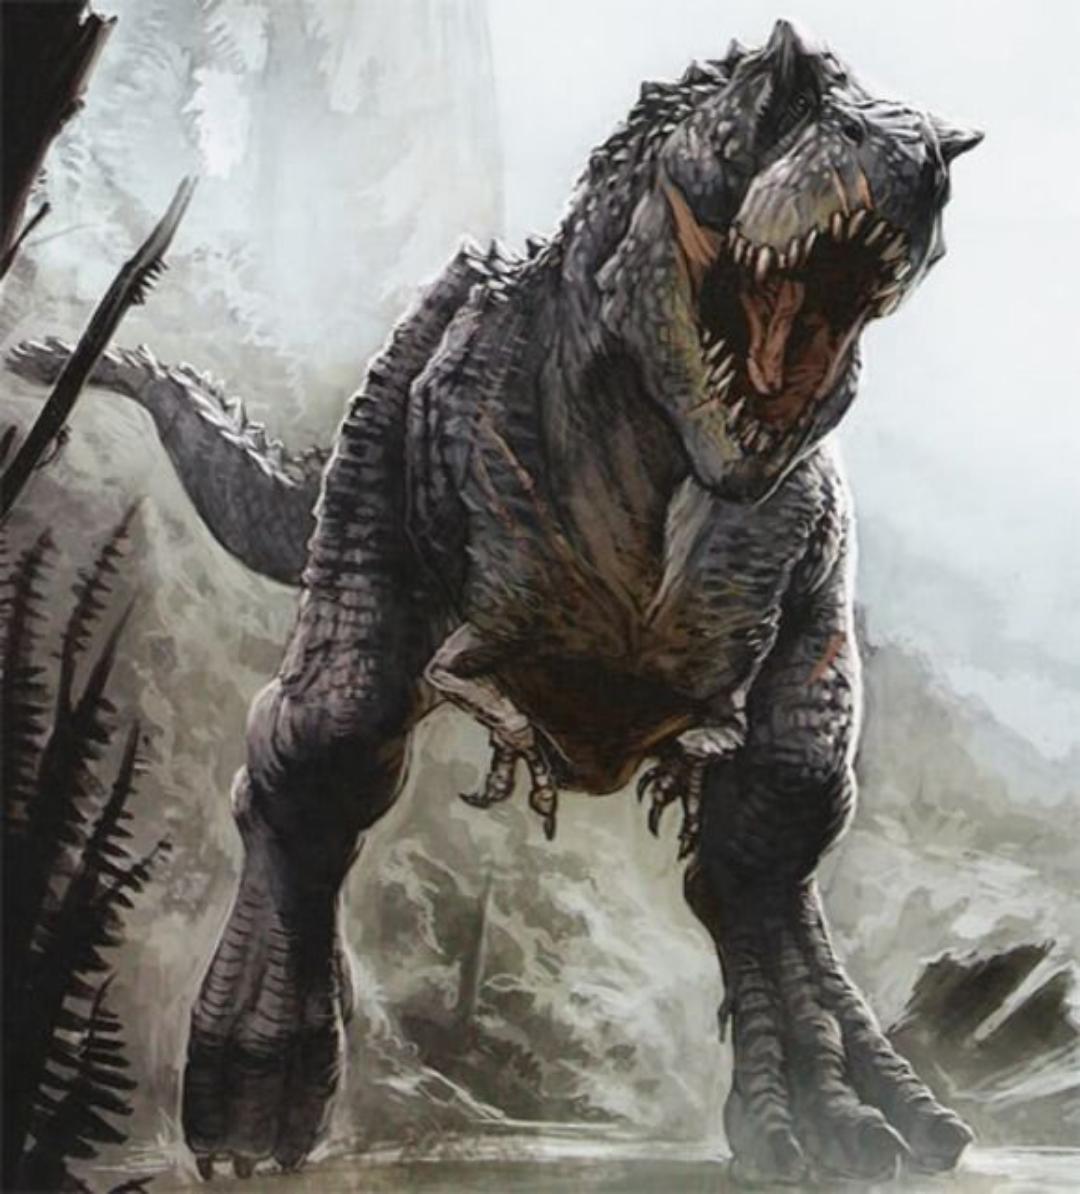 Der Kaiju der Woche ist V rex